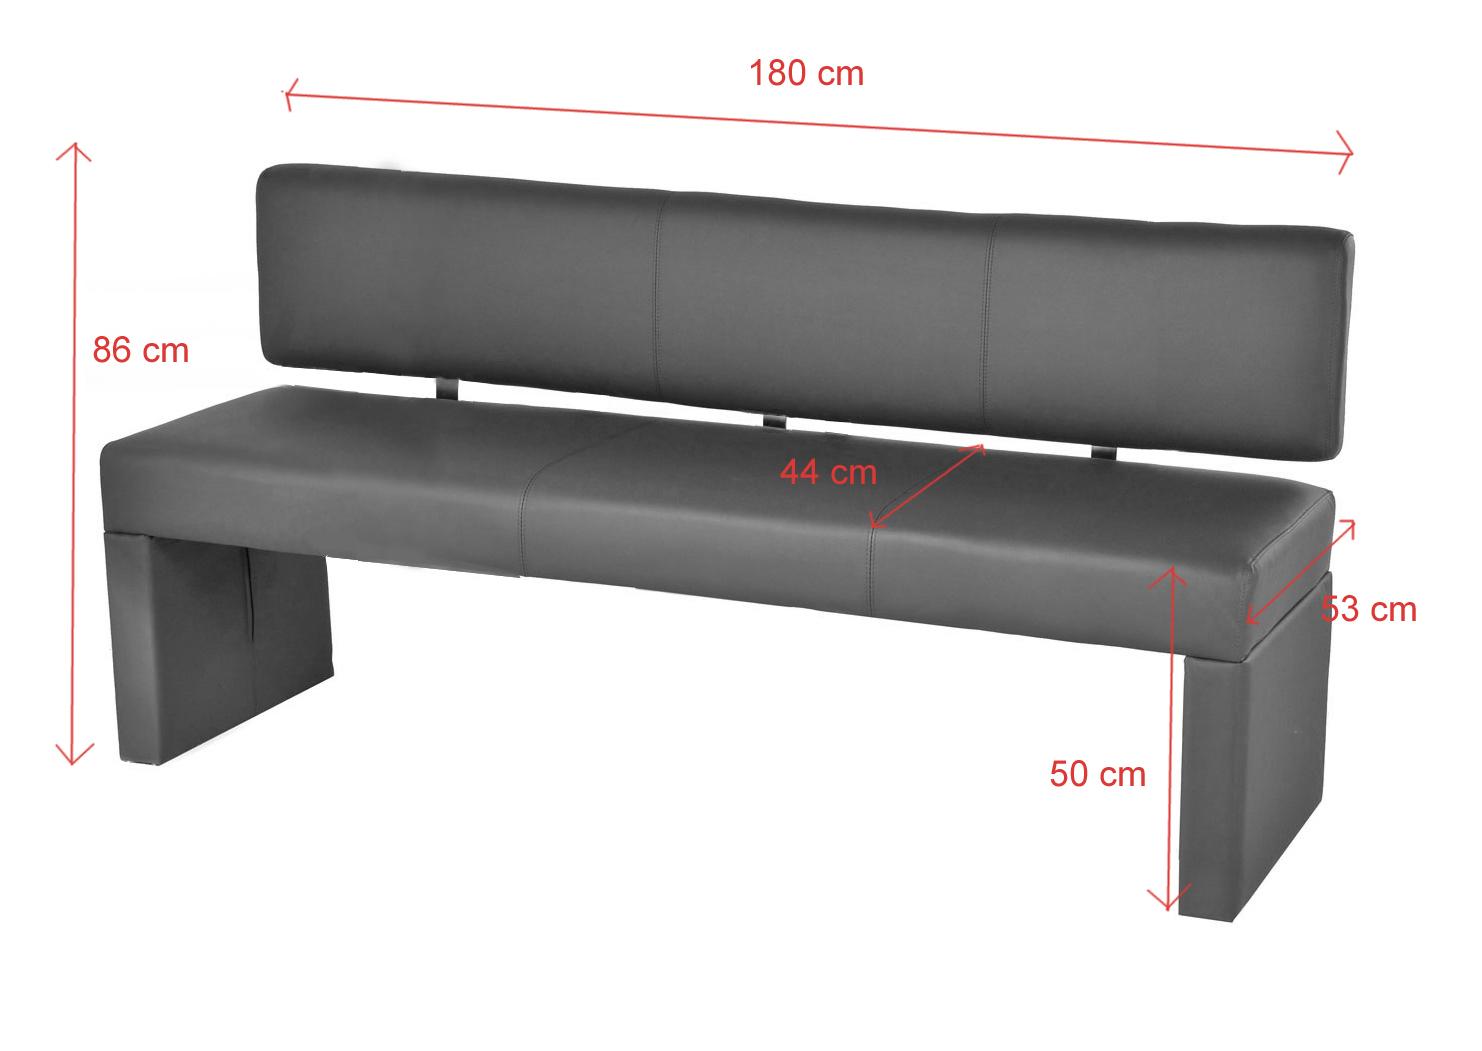 sam esszimmer sitzbank recyceltes leder muddy 180 cm sina auf lager. Black Bedroom Furniture Sets. Home Design Ideas